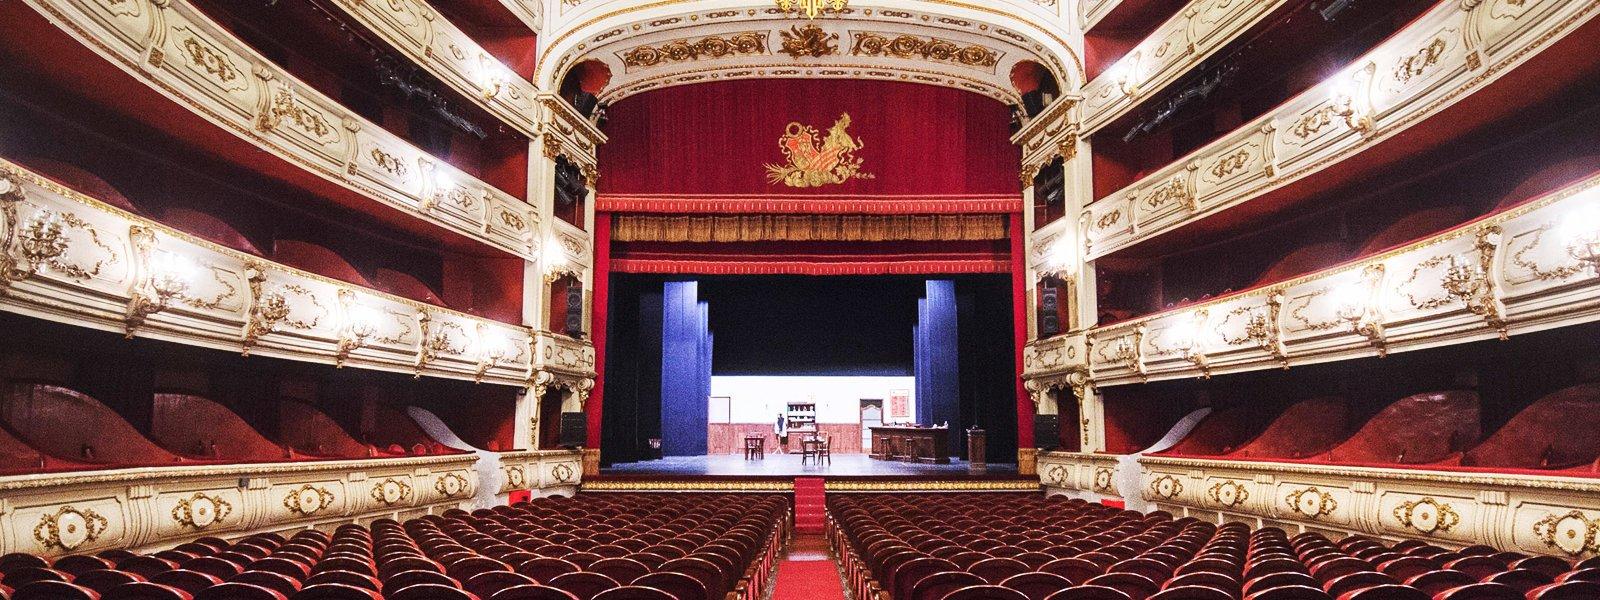 Teatre Principal de Valencia, localització per a la representació d'espectacles